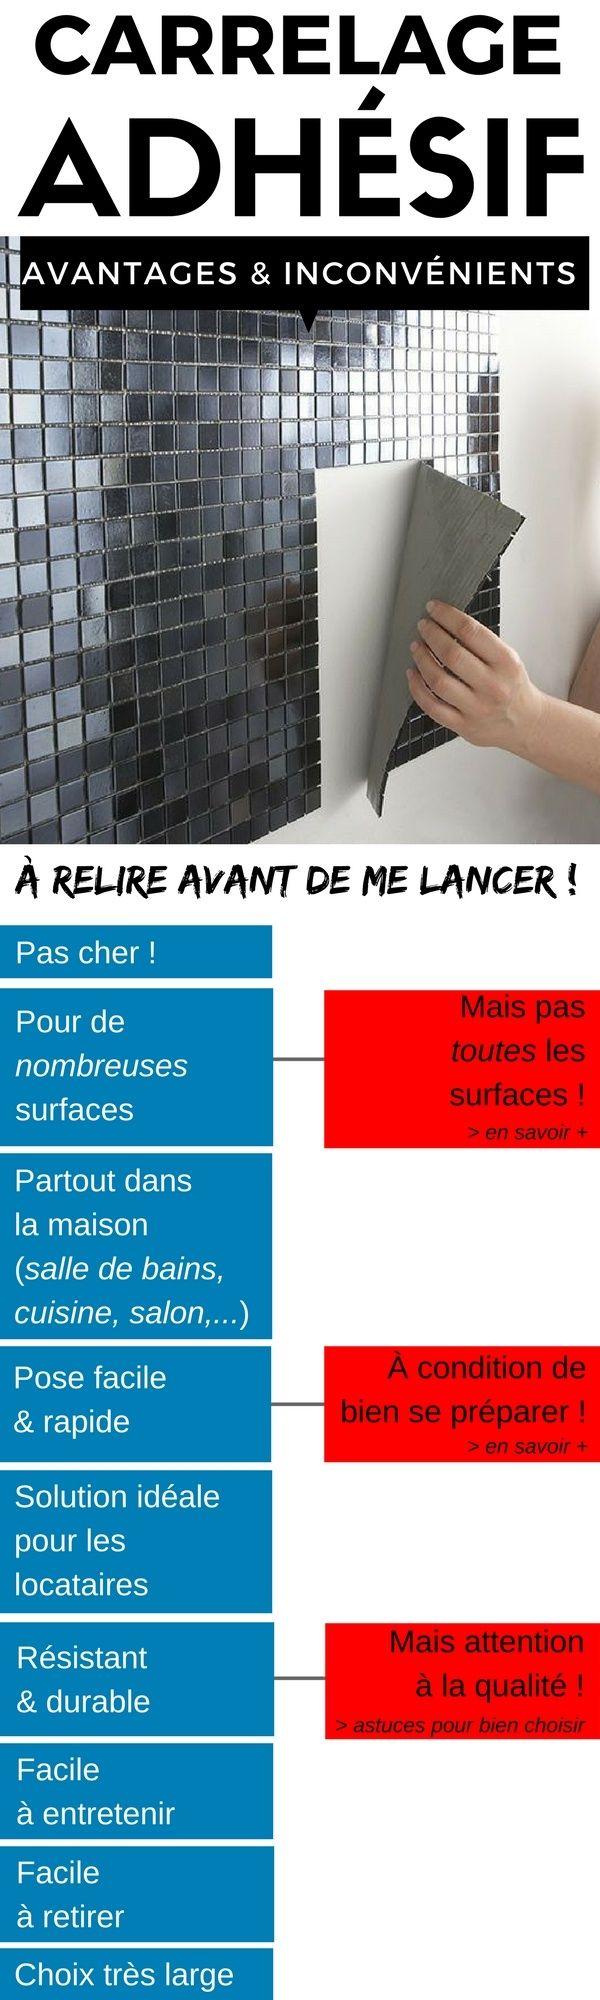 N'Achetez Pas Votre Carrelage Adhésif Avant de Connaître Les Avantages & Les Inconvénients !  http://www.homelisty.com/avantages-inconvenients-carrelage-adhesif